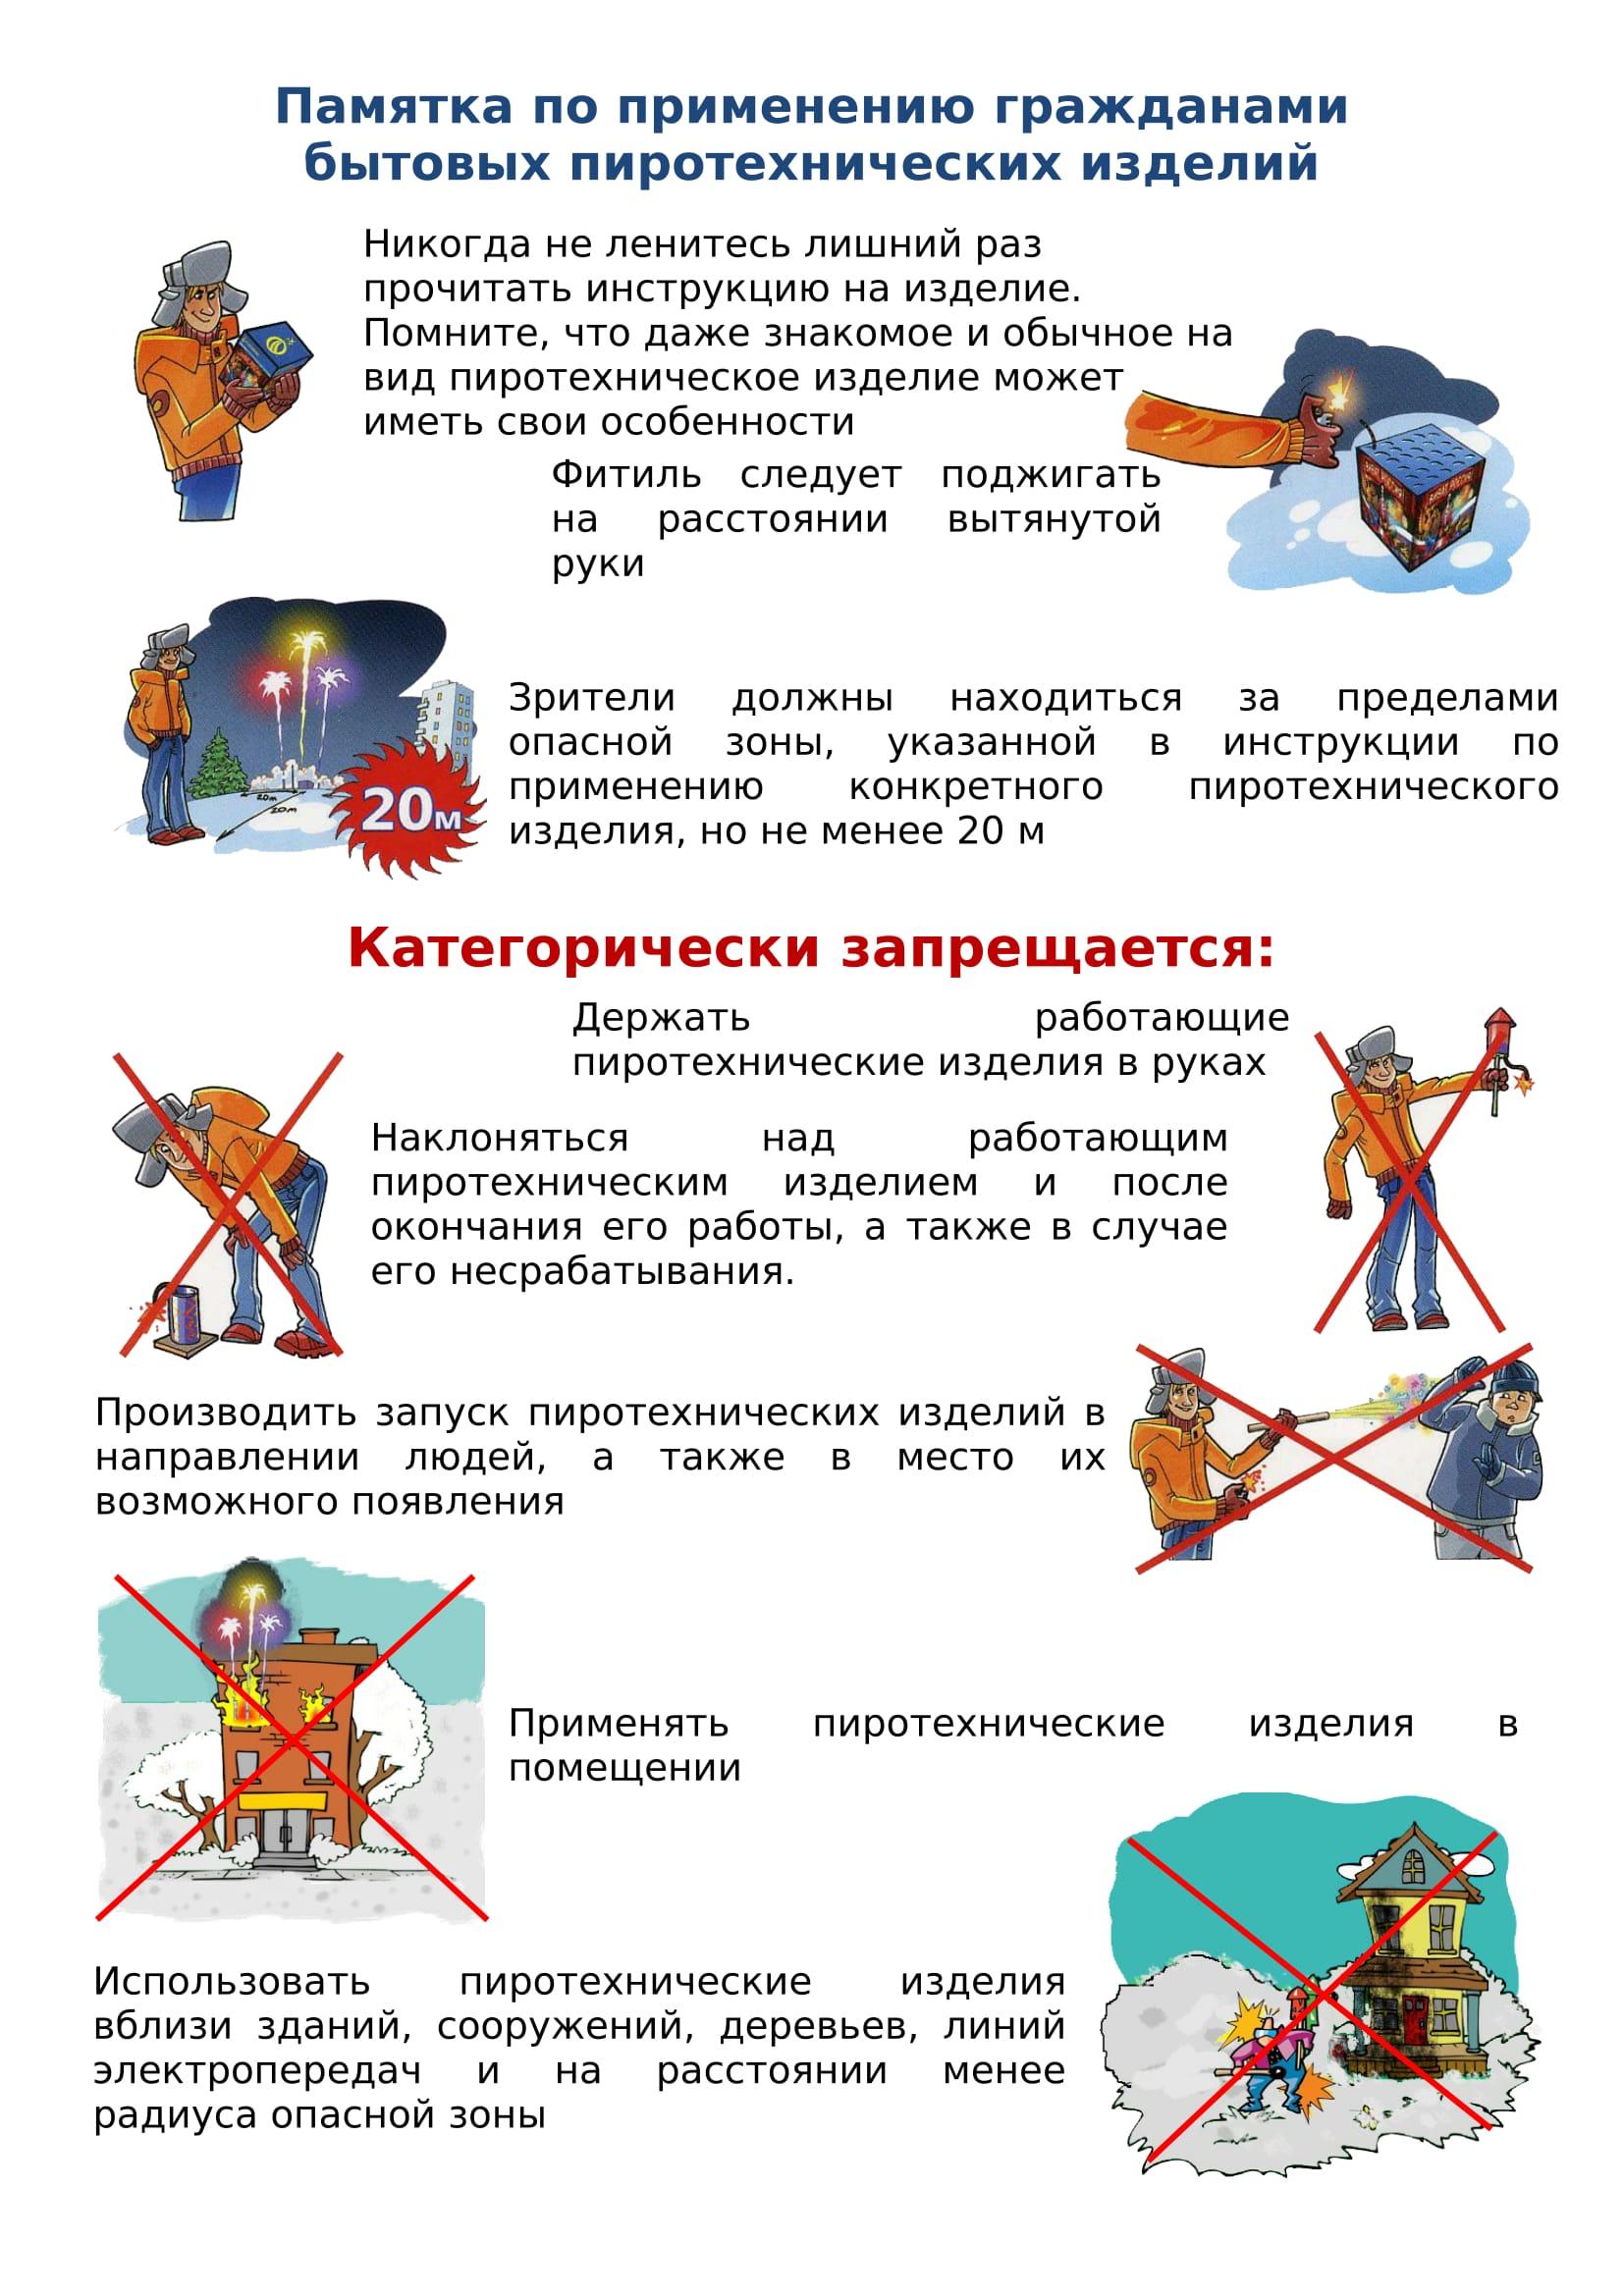 Прил. 6 ПАМЯТКА по применению гражданами бытовых пиротехнических изделий-1